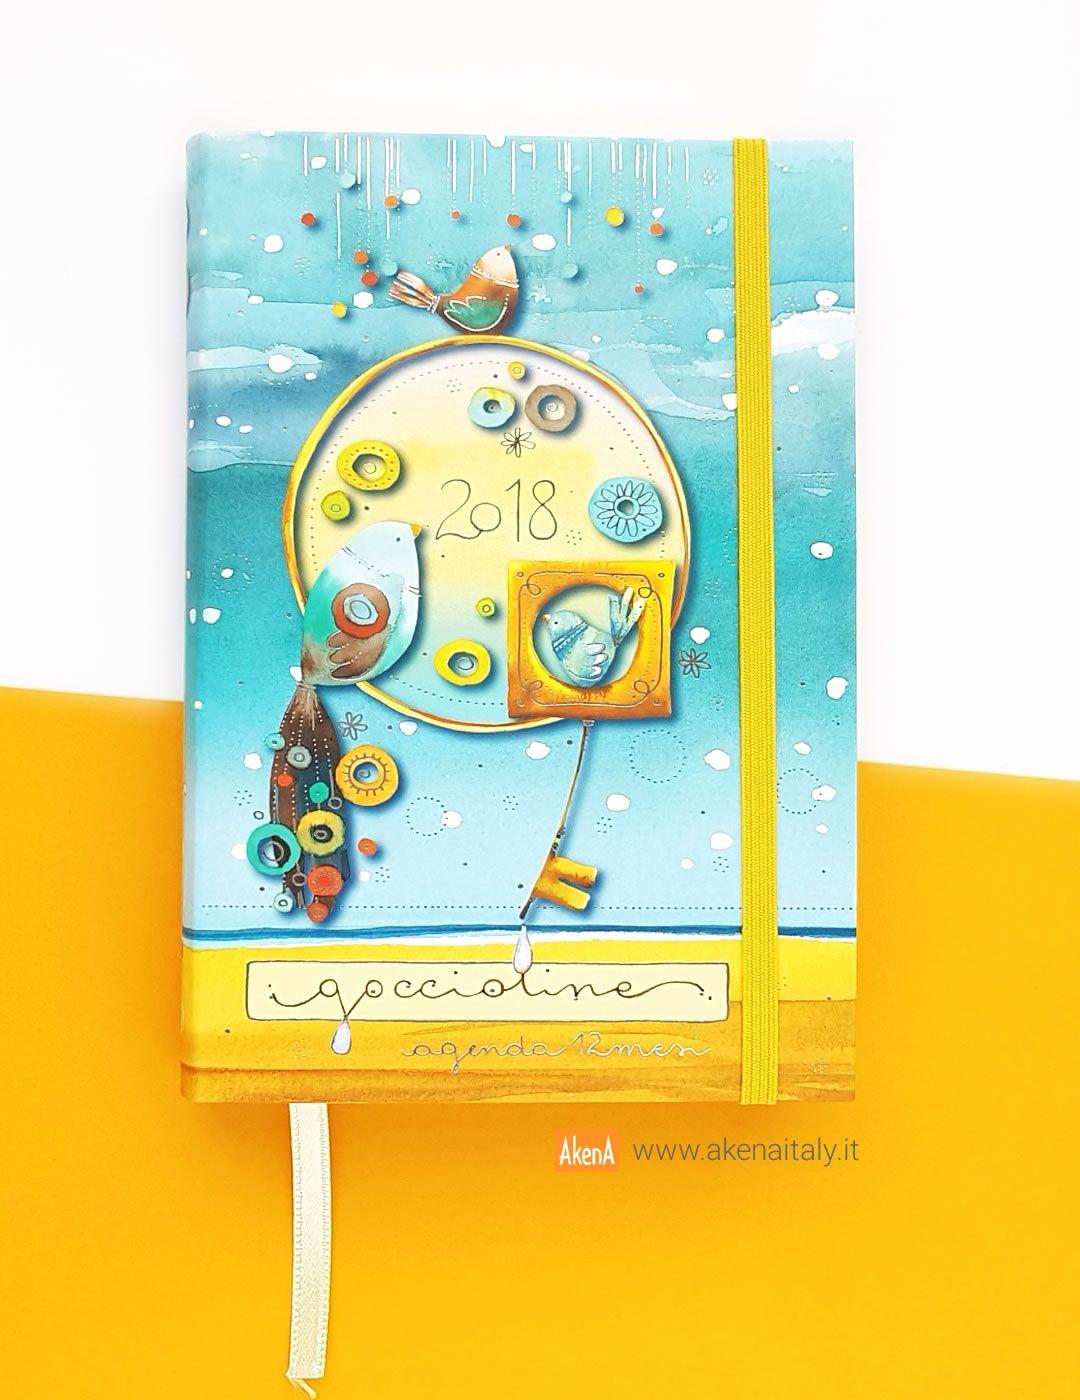 Goccioline Calendario.Biglietti Di Auguri Agende E Calendari Agende E Calendari